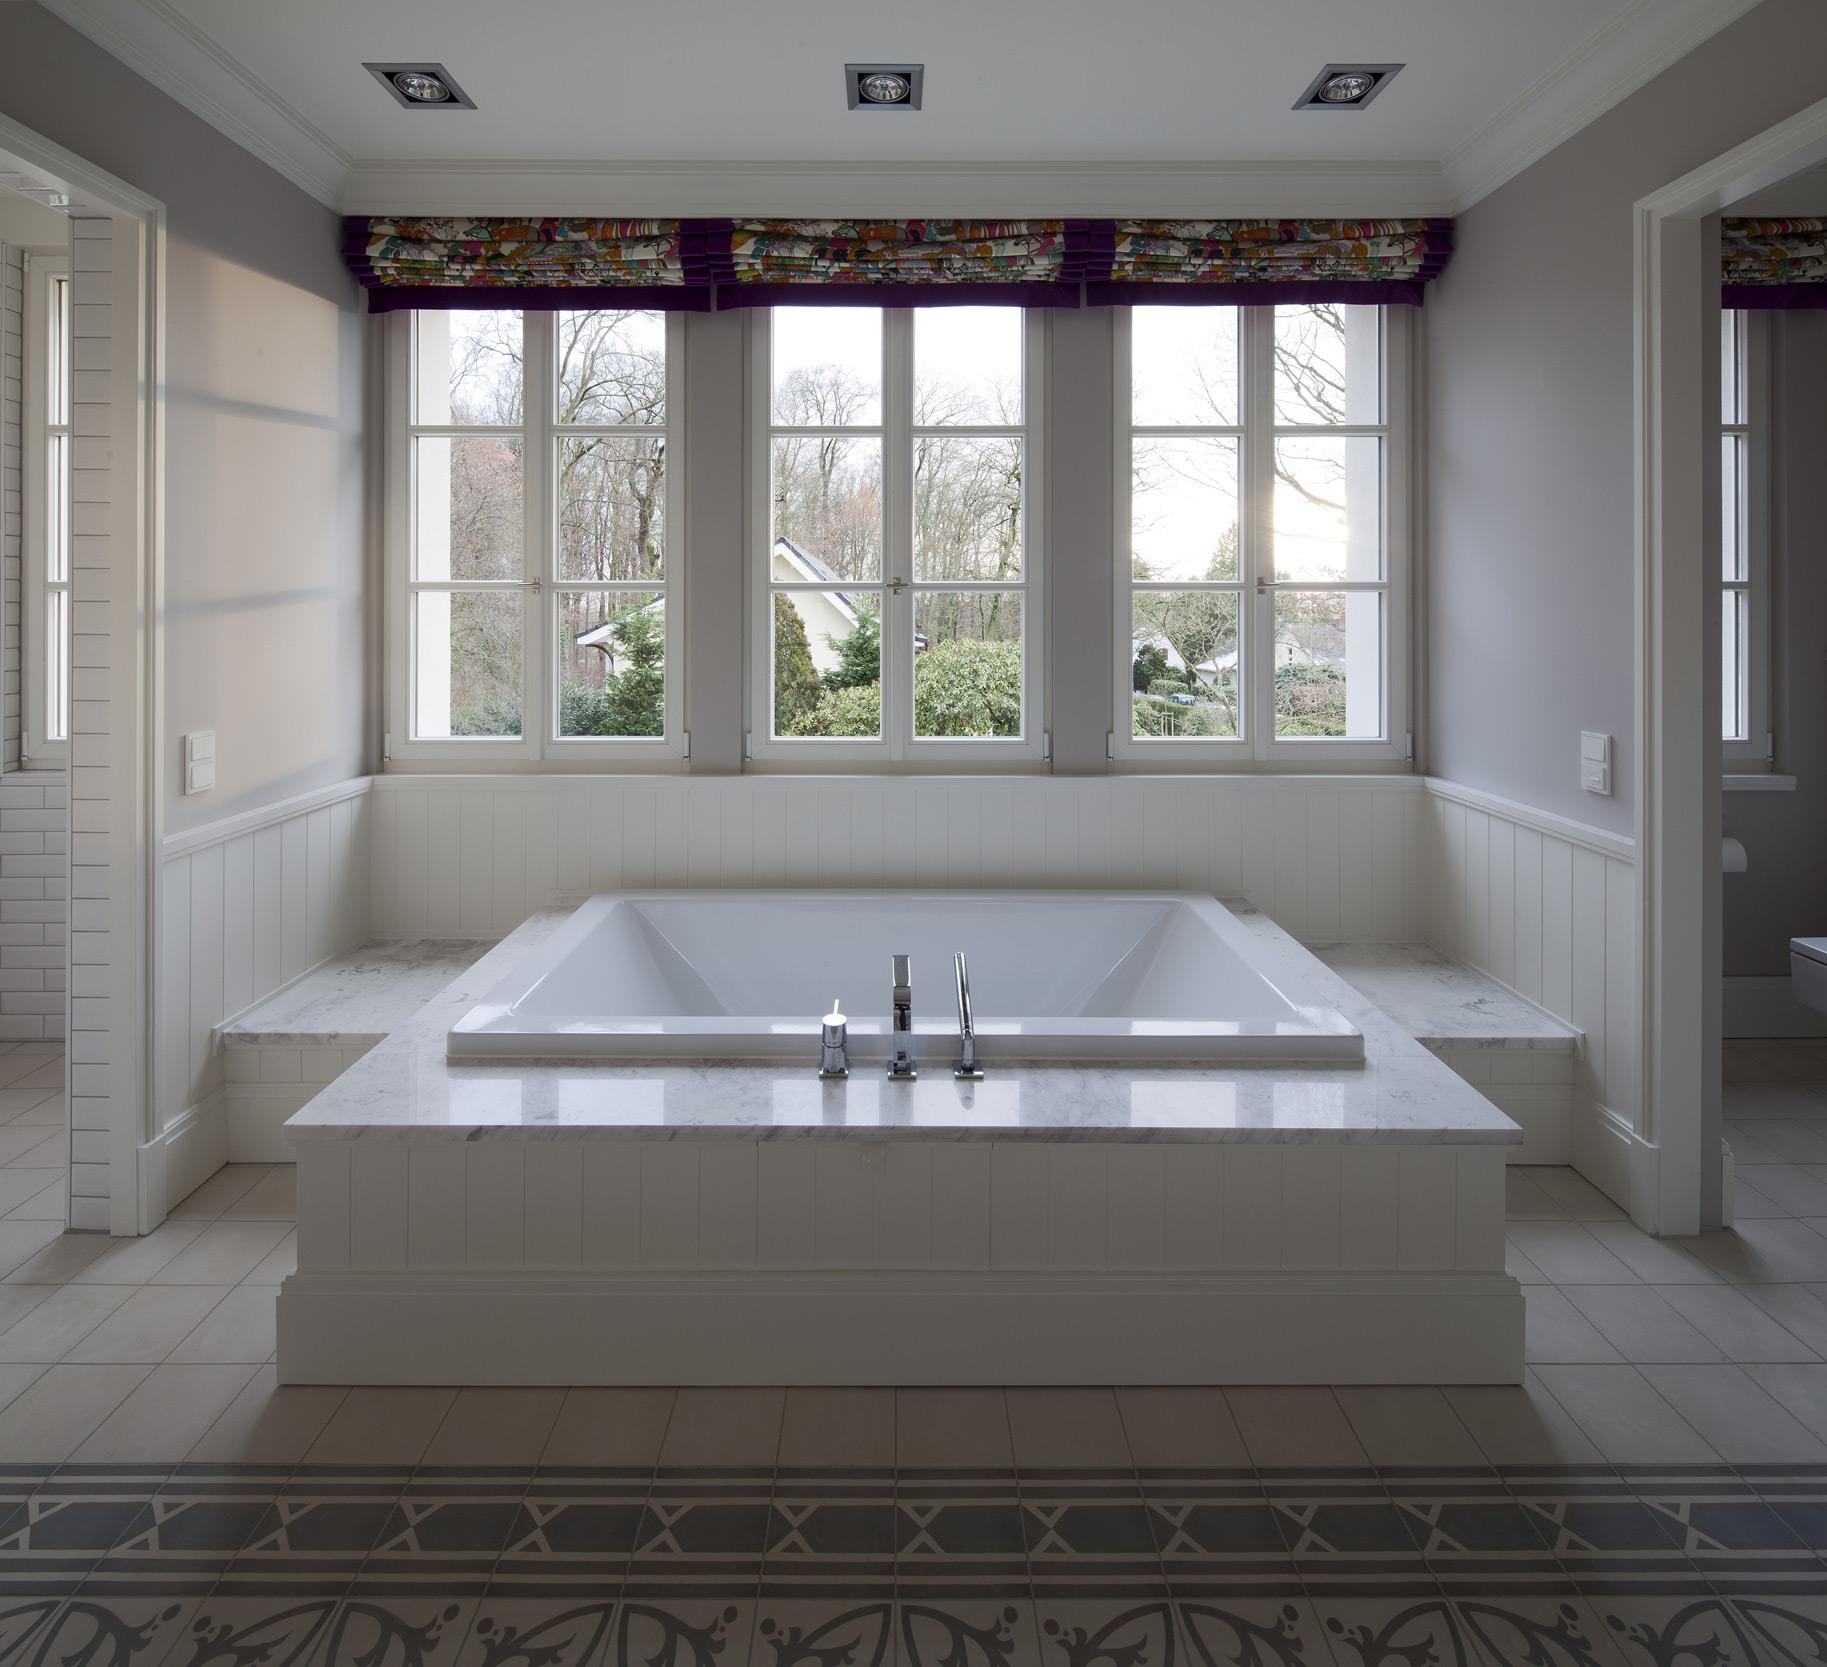 Badewannen-Podest mit Gartenblick - Neubau einer klassizistischen Villa